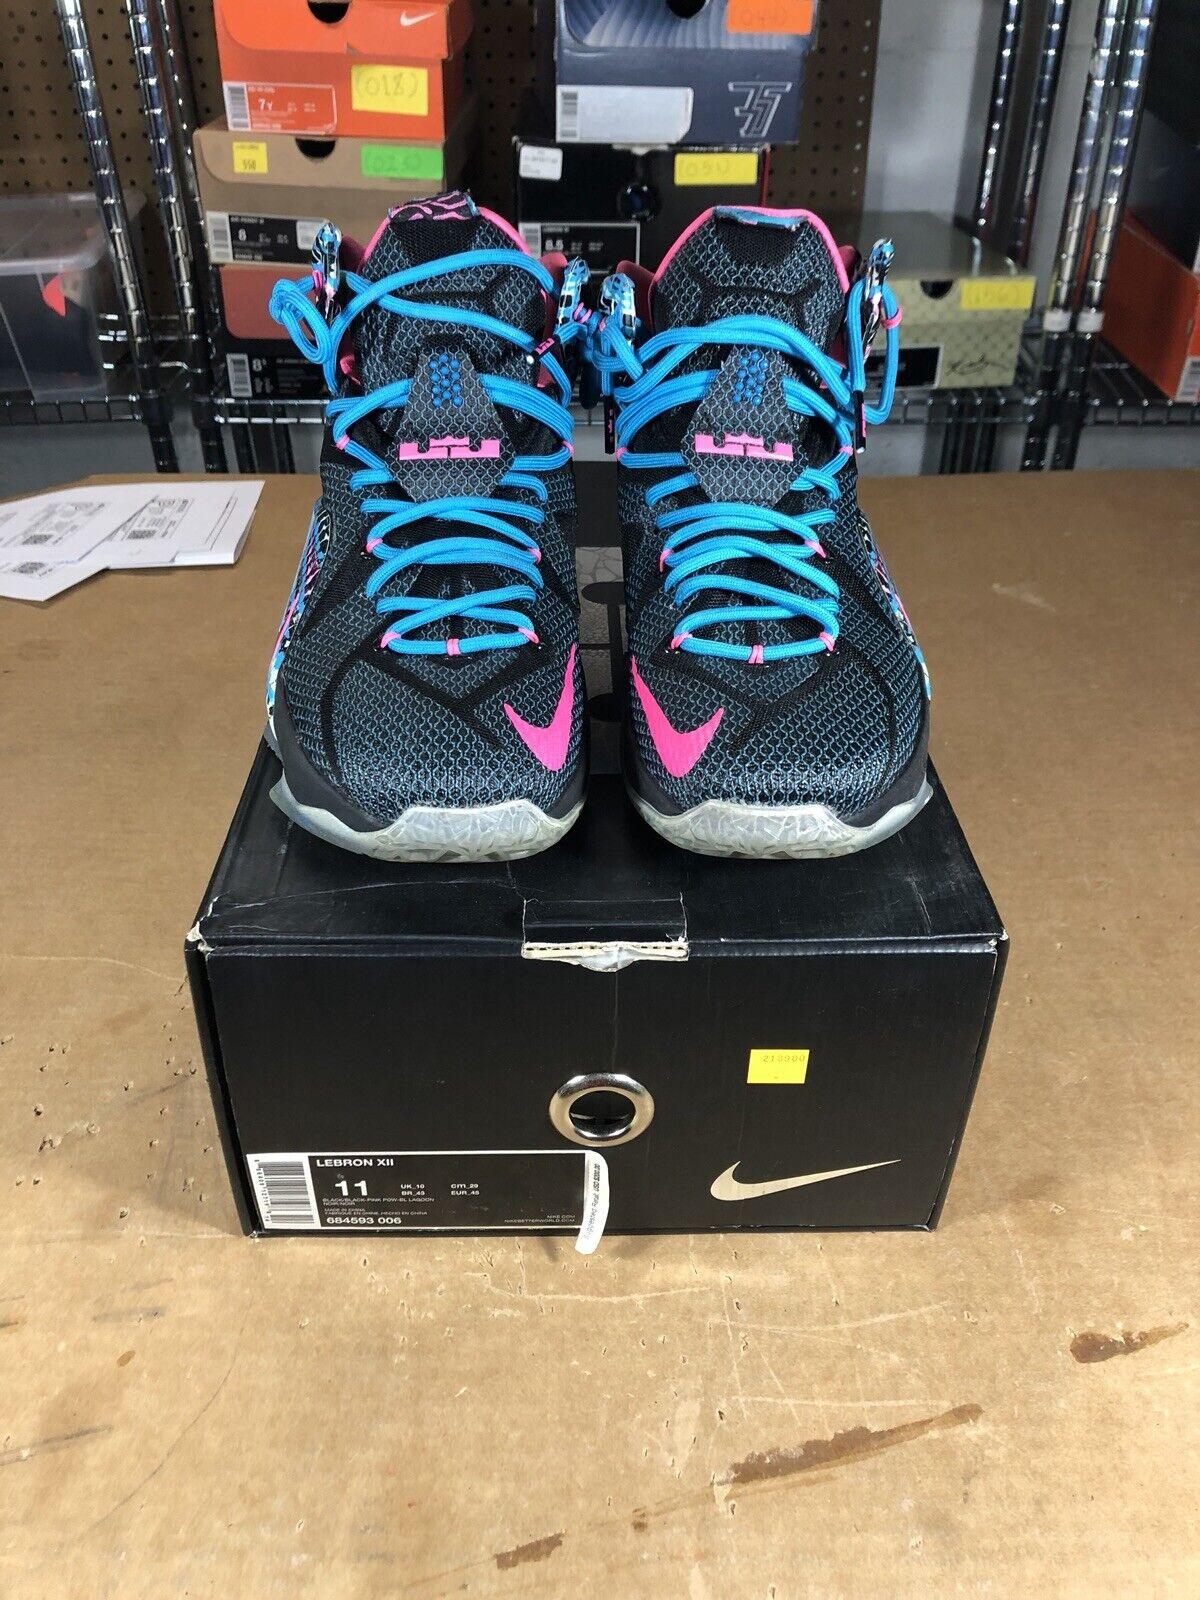 100% Authentic Nike Lebron 12 23 Chromosomes Size 11 684593 006